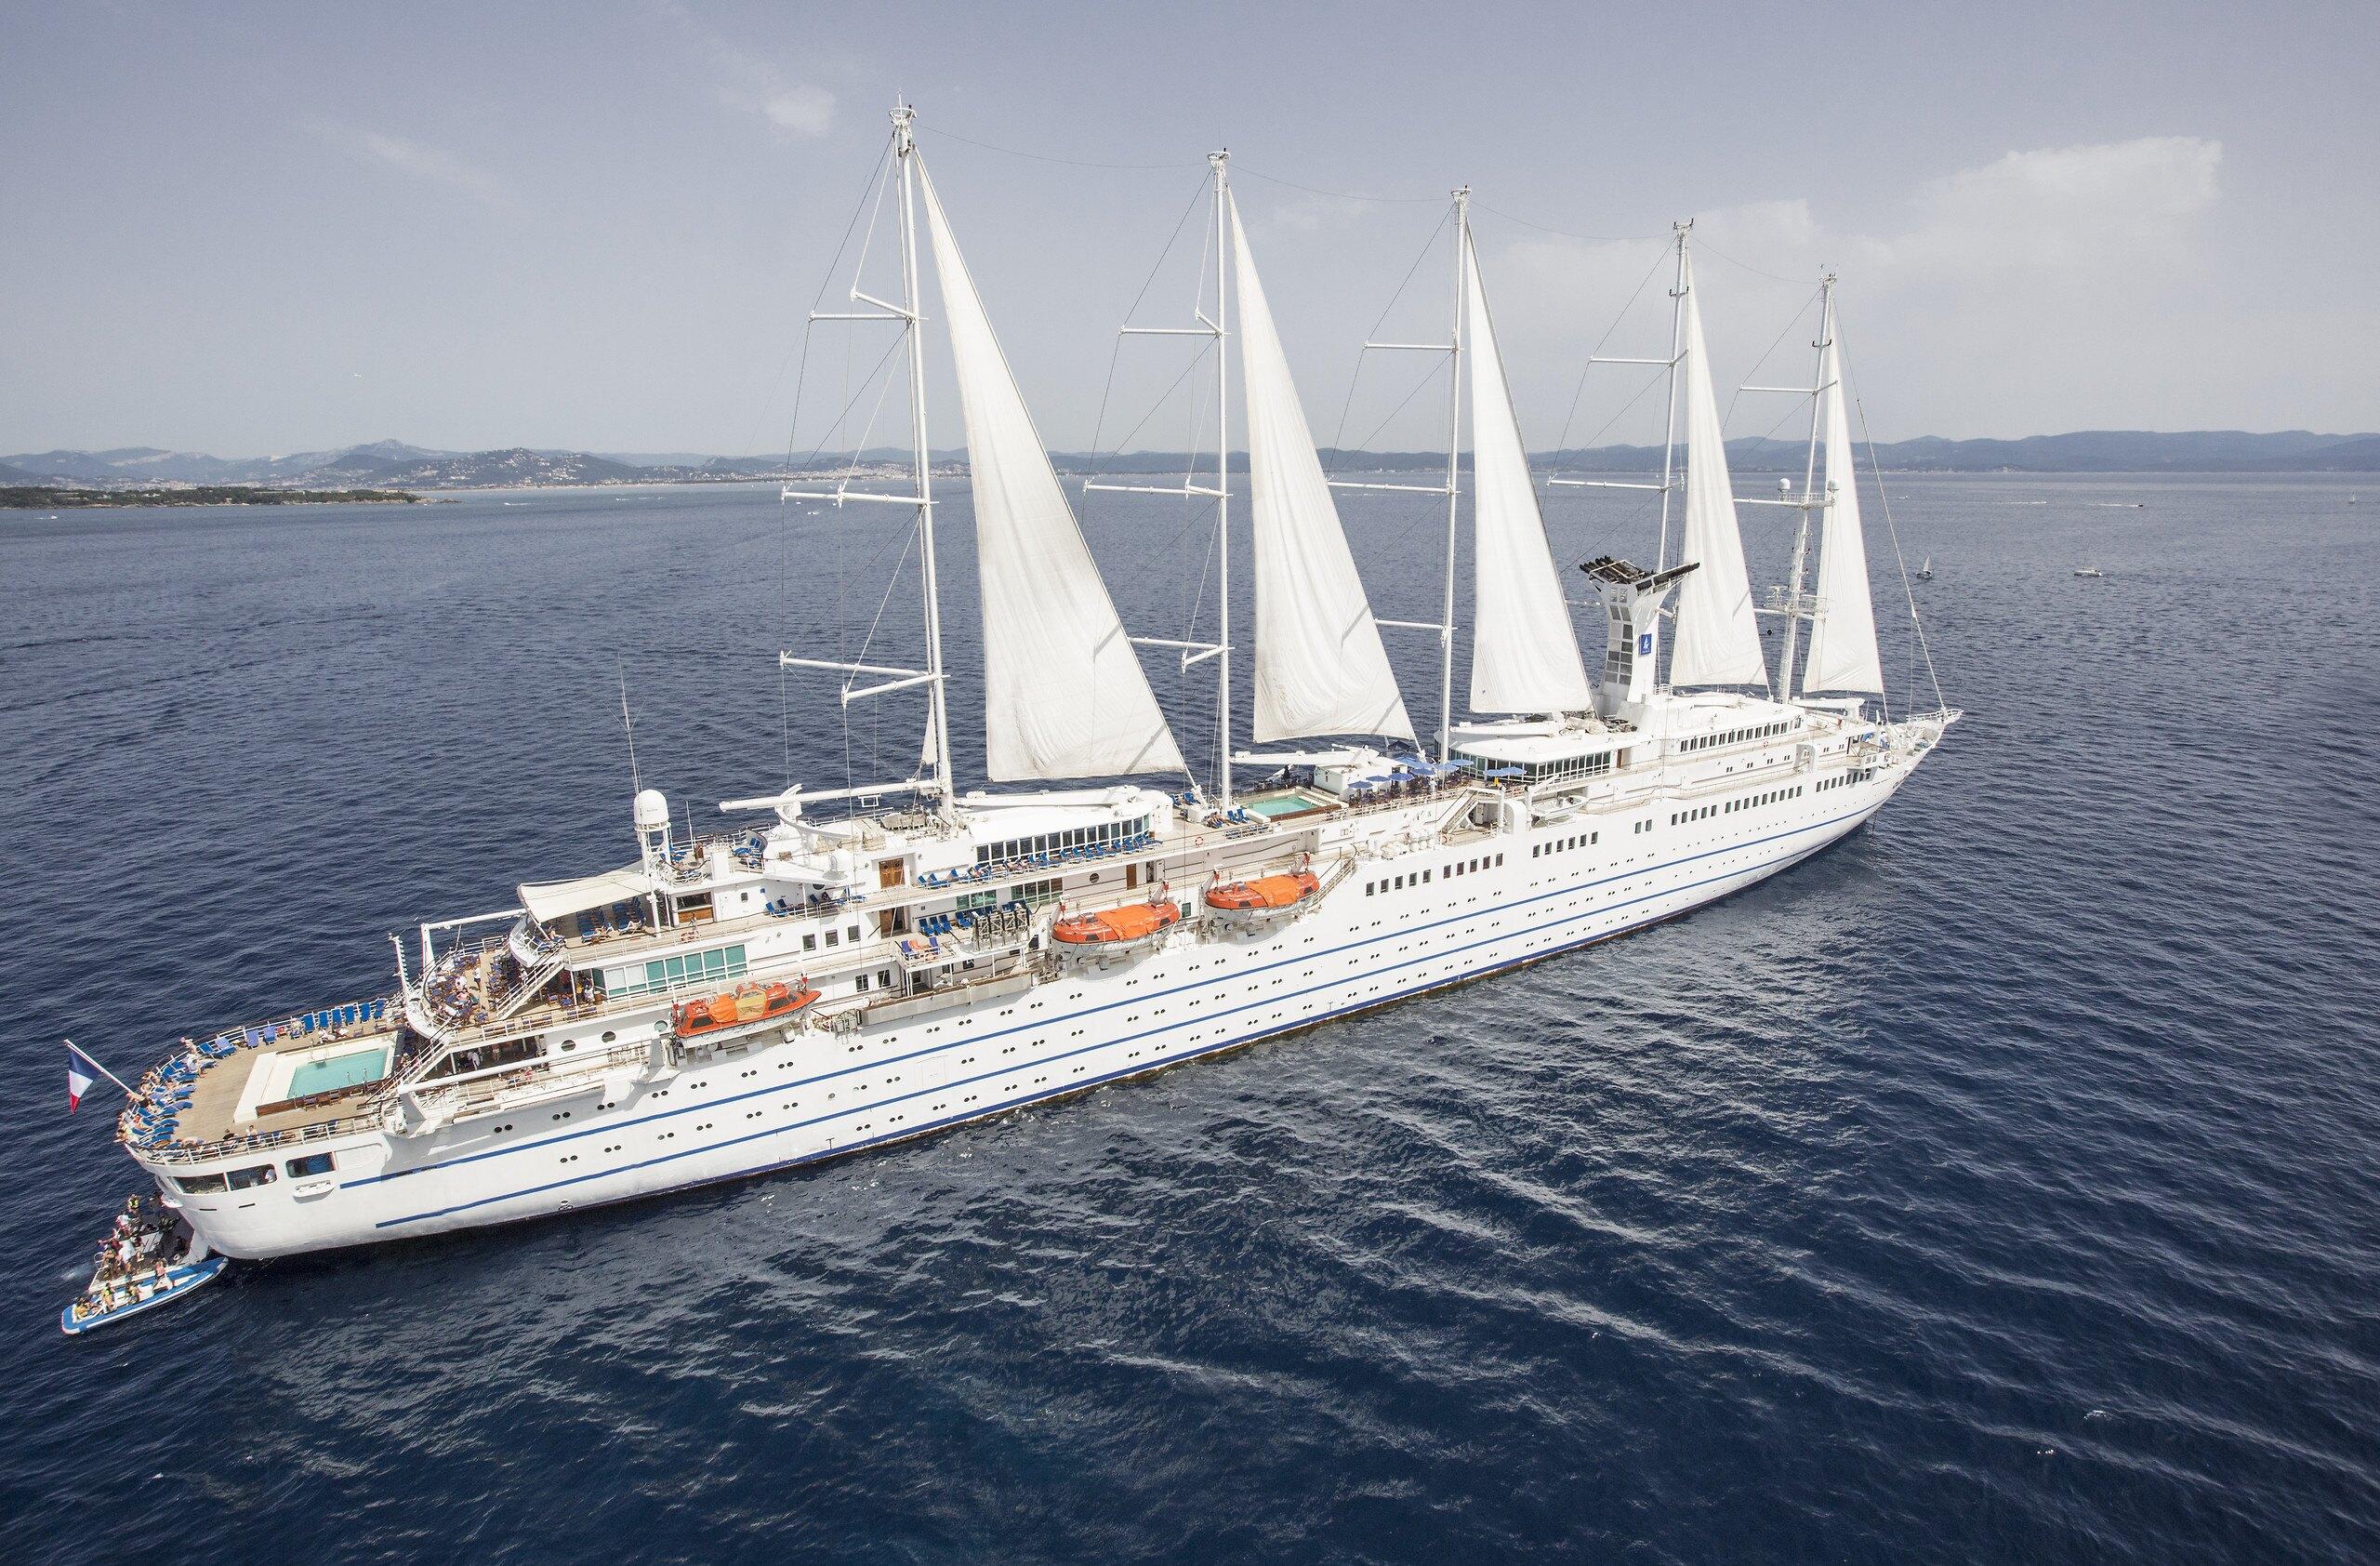 Le bateau de croisière le Club Med 2 quitte la Martinique